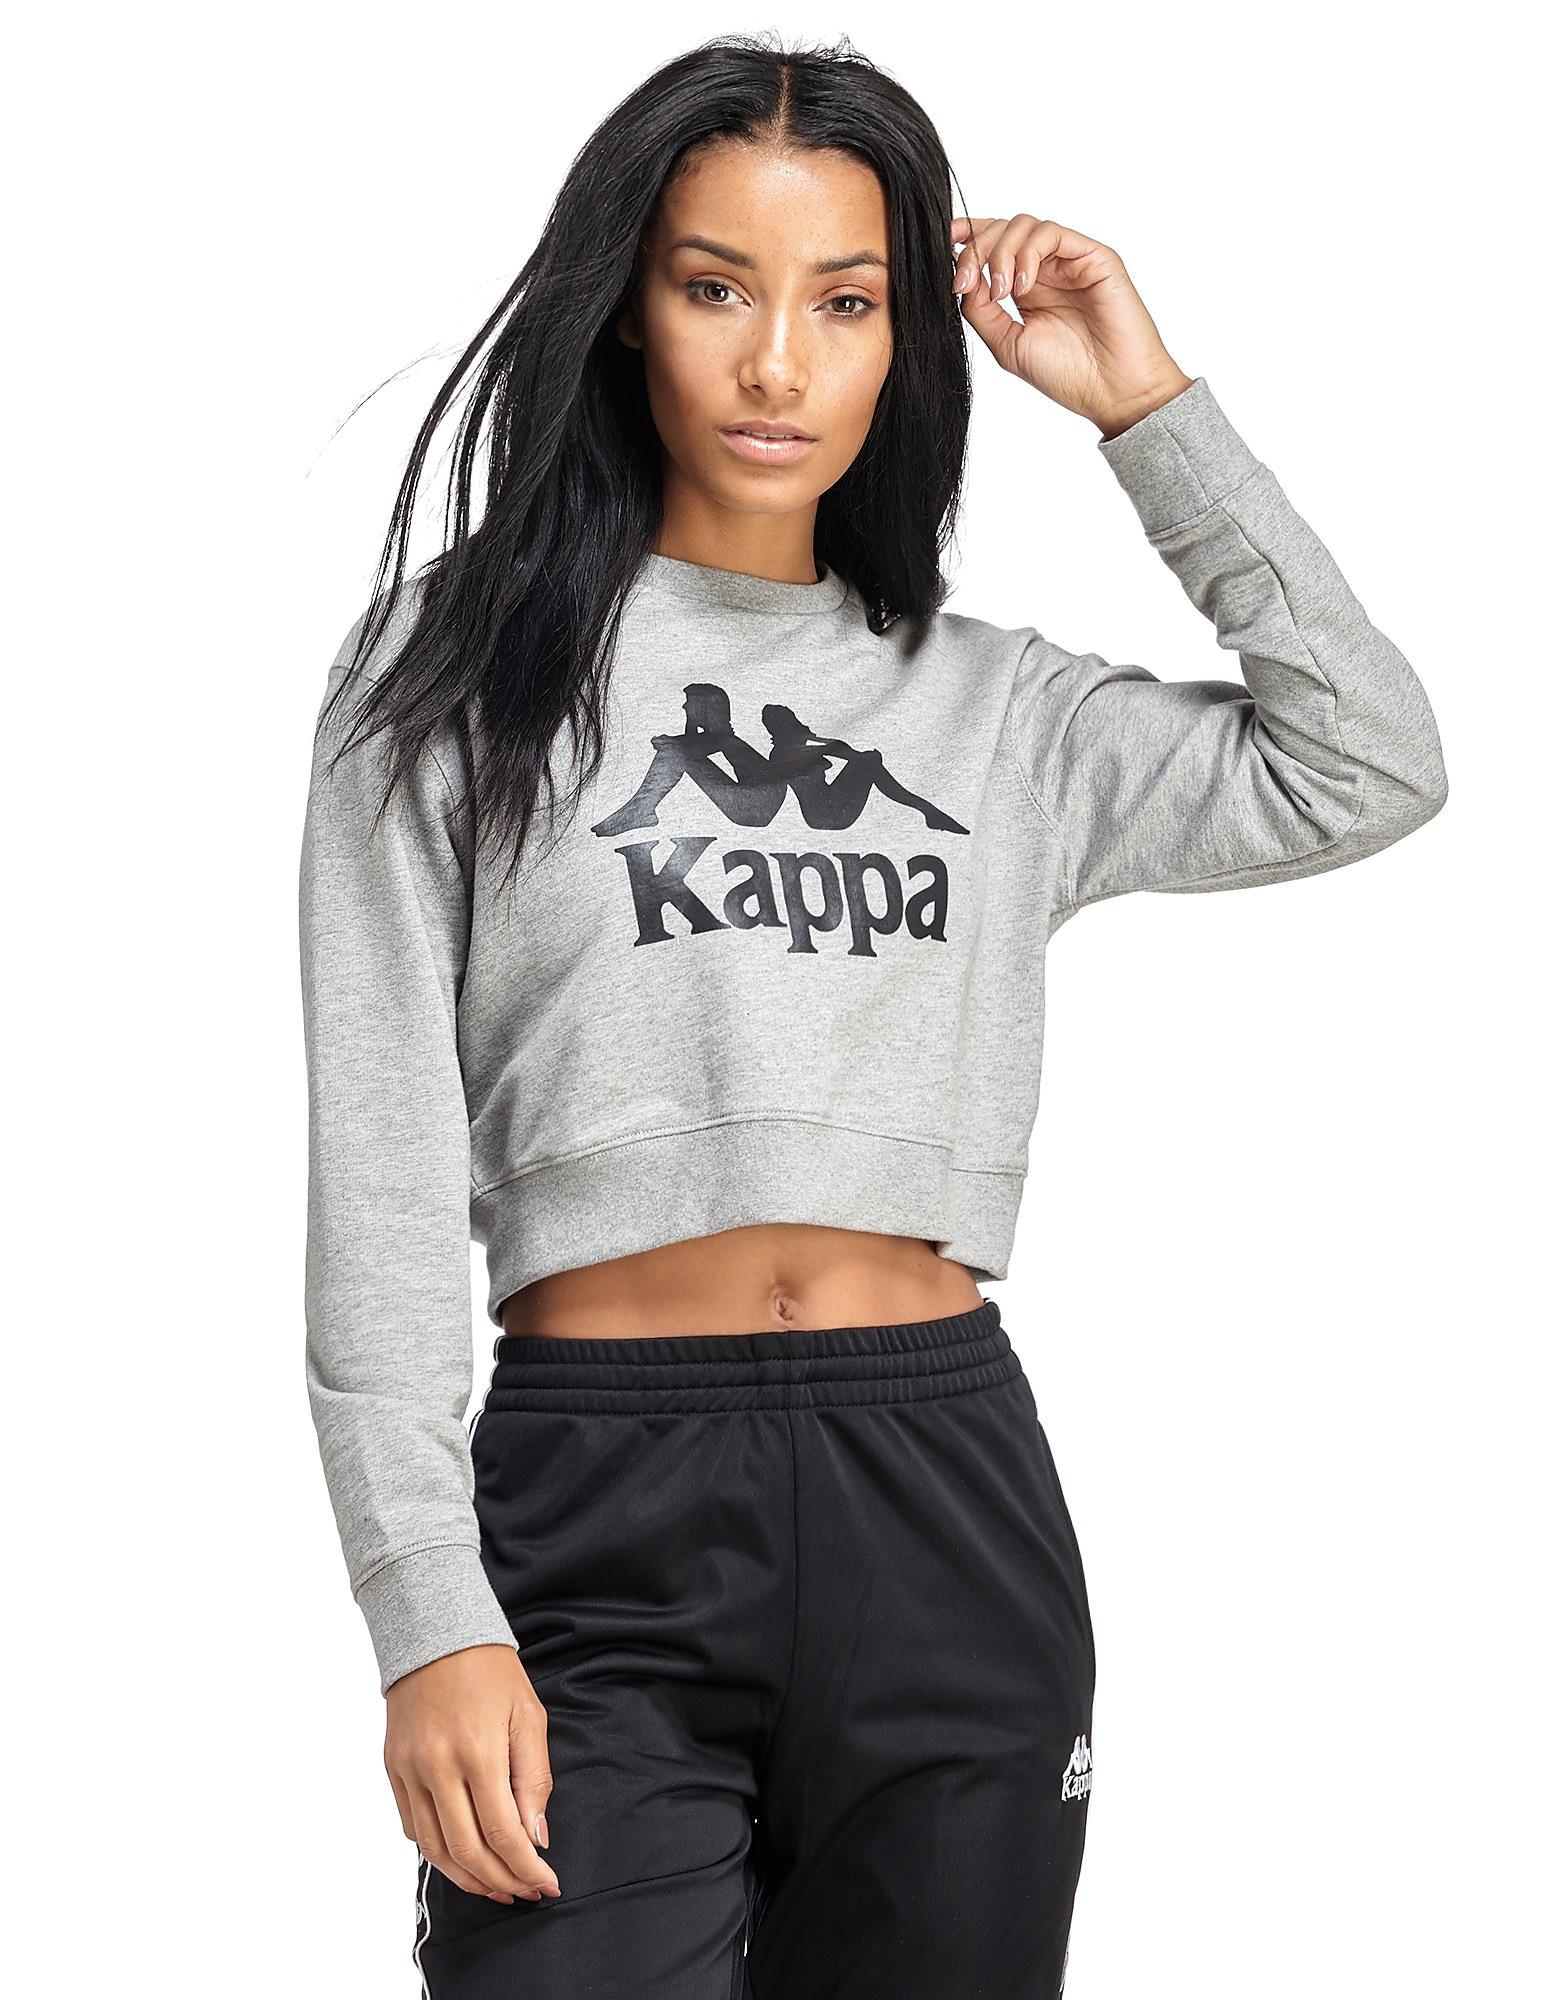 Kappa Authentic Crop Crew Sweatshirt